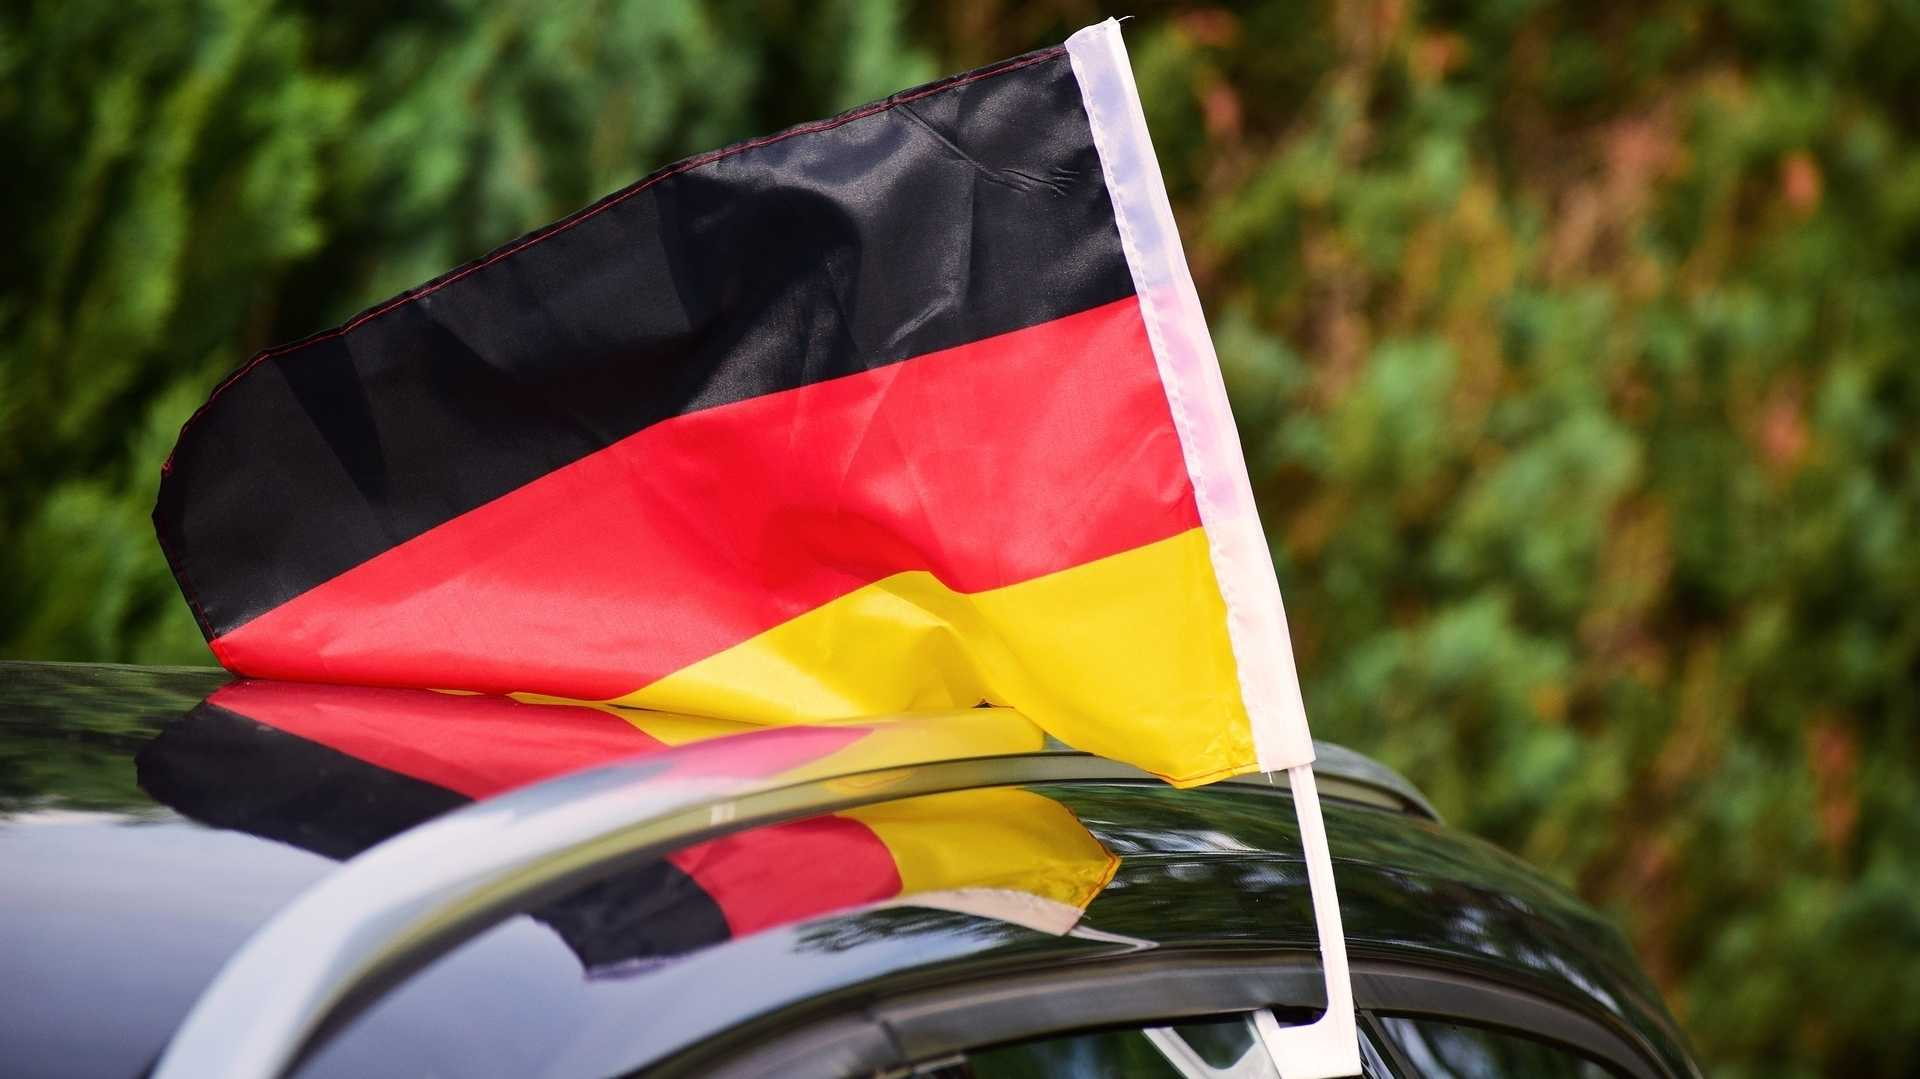 Big-Data-Analyse: Deutlich weniger Verkehr bei deutschen WM-Spielen